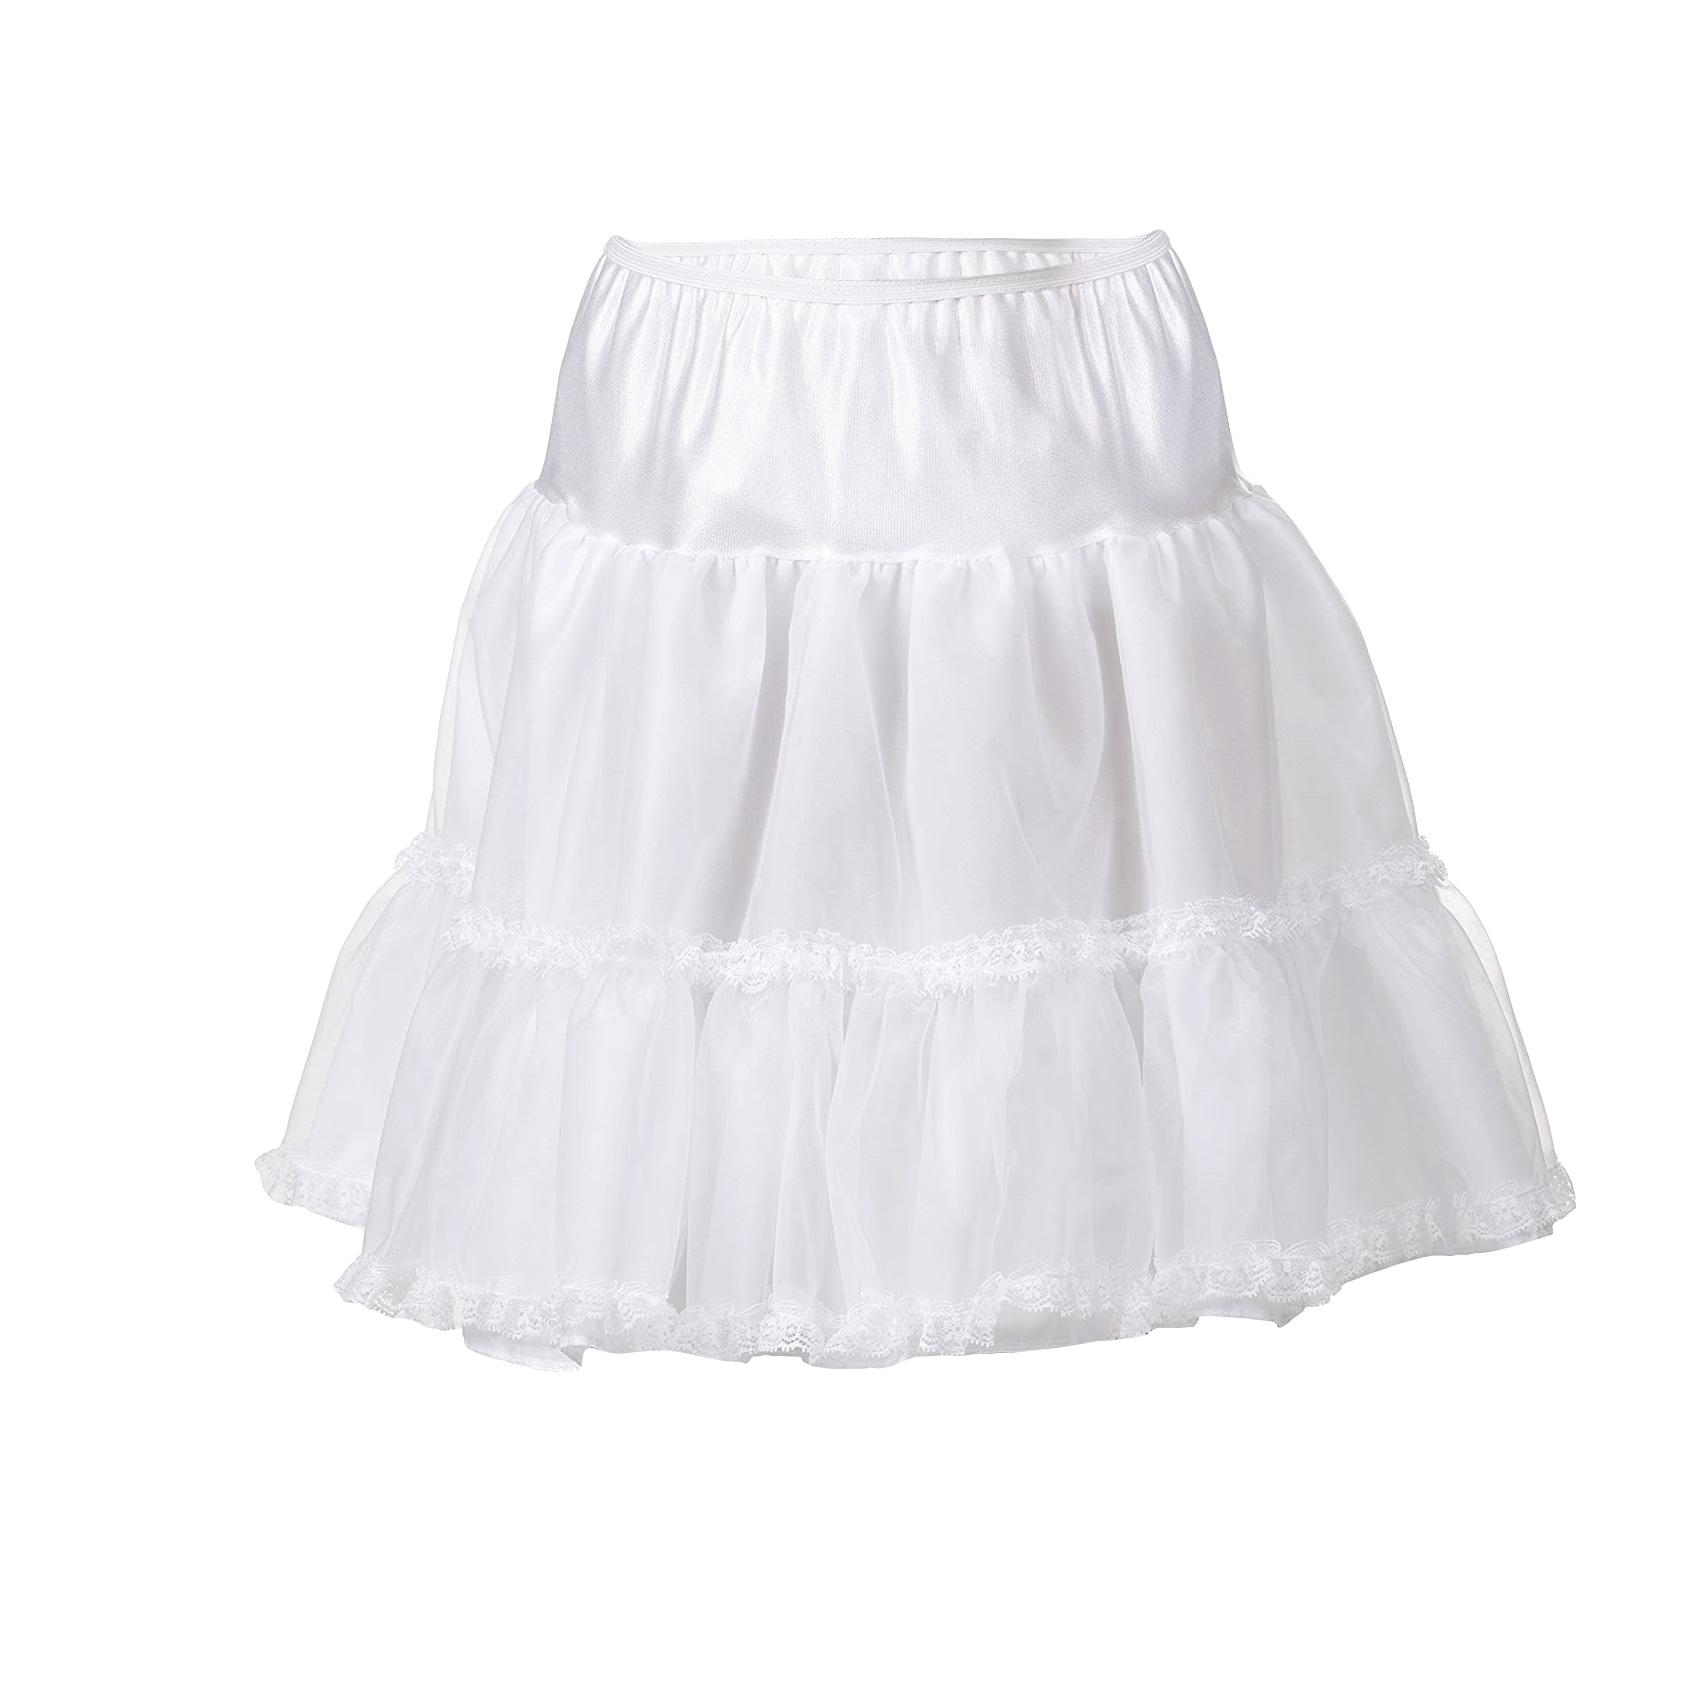 NEW ICM Little Girls Bouffant Half Slip